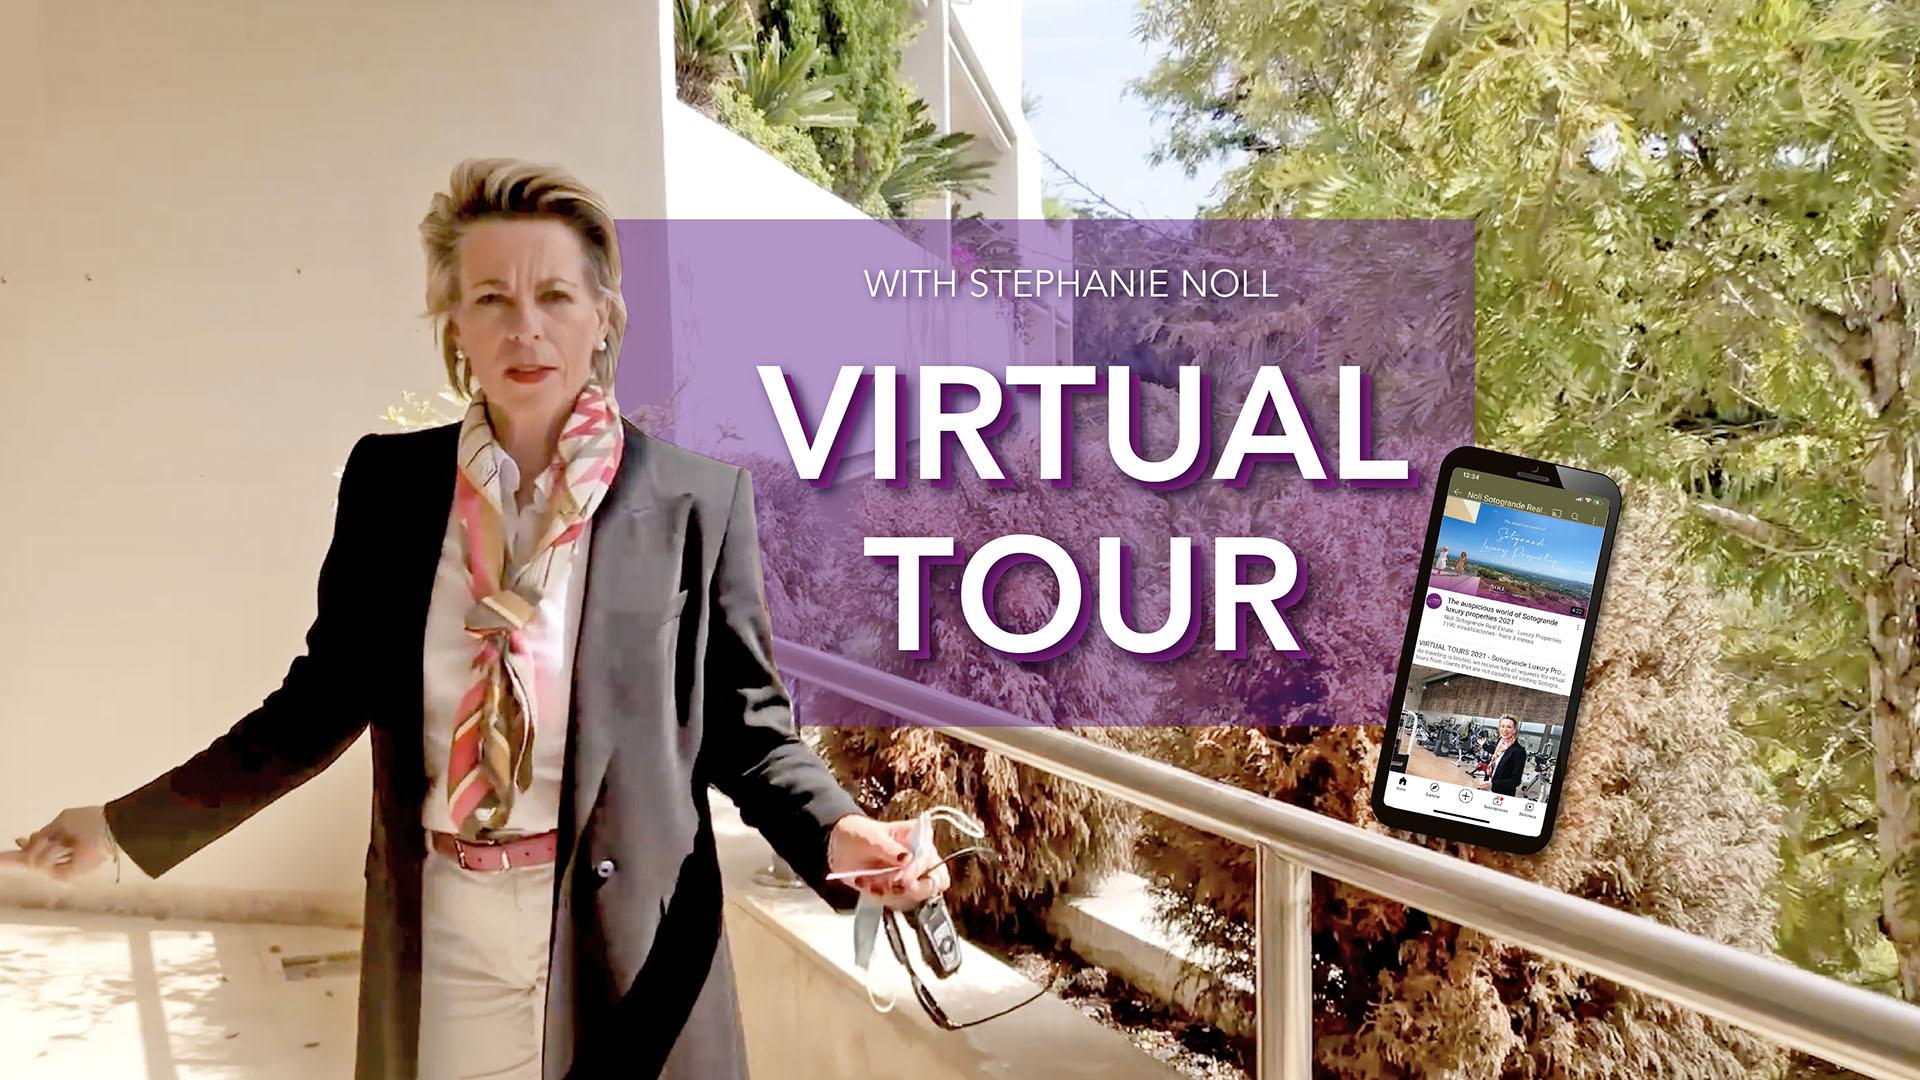 NP01370-virtual-tour-stephanie-noll-apartment-sotogrande-790000-euros-2021-BANNER